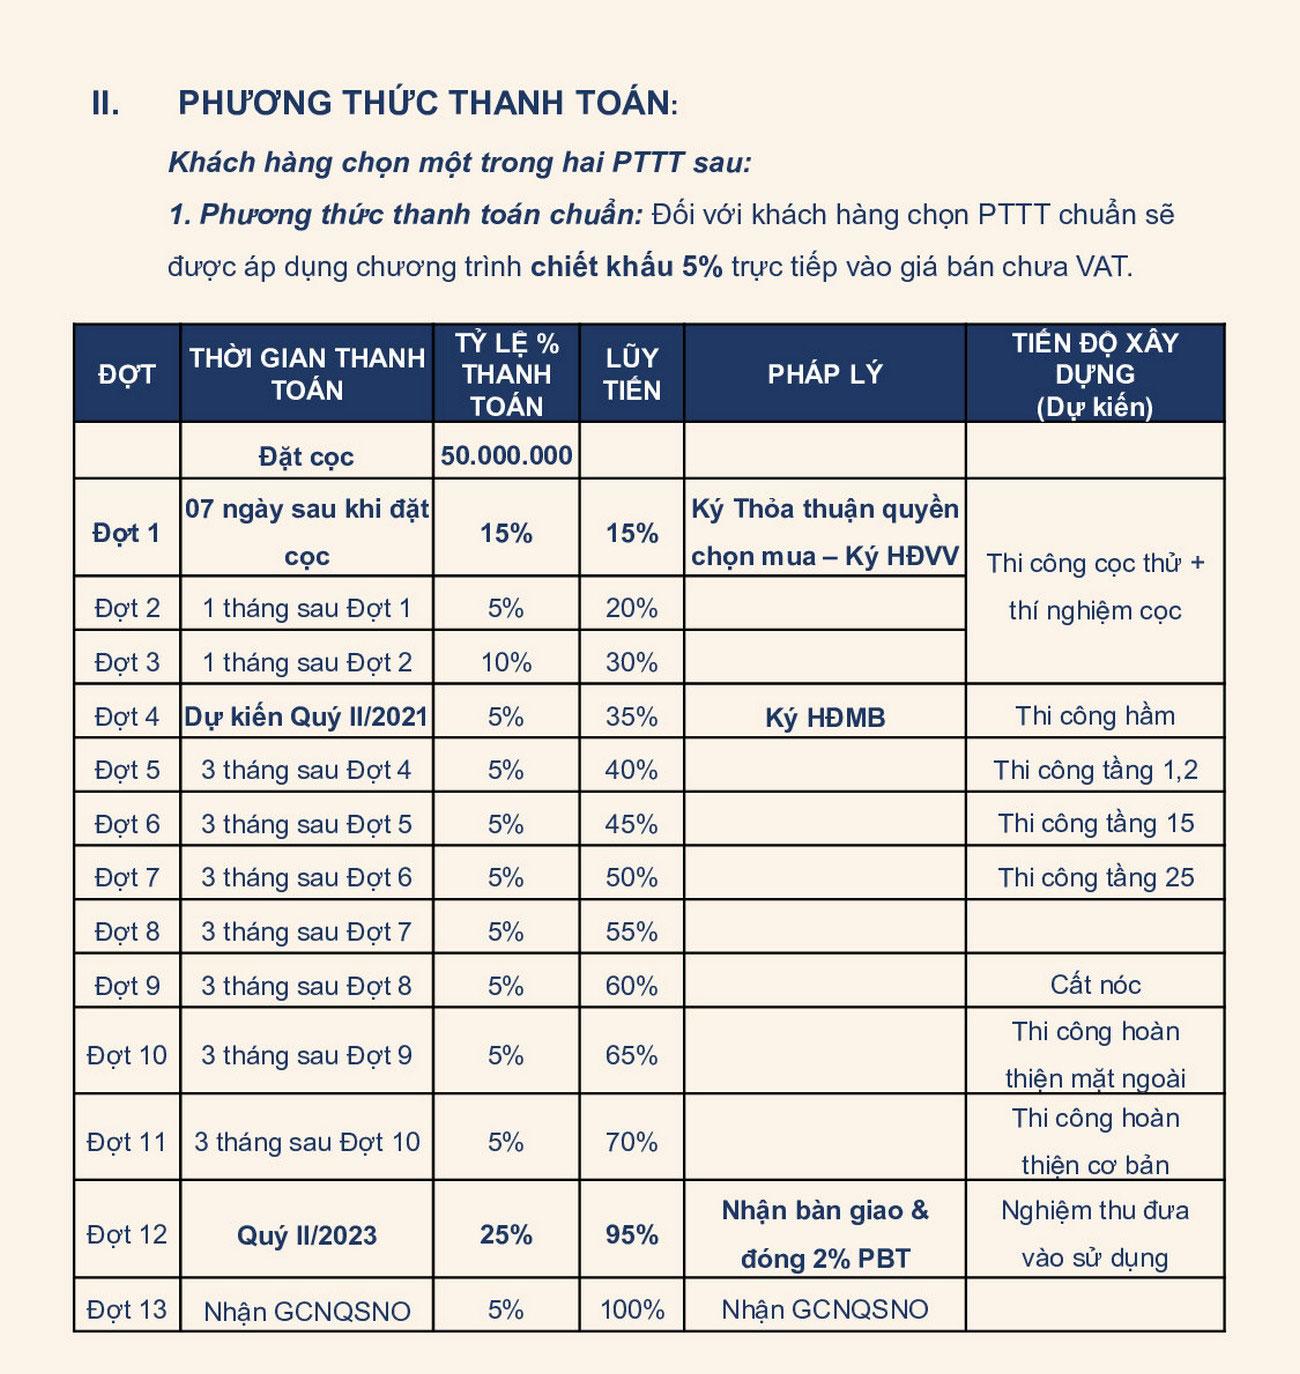 Phương thức thanh toán chuẩn dự án căn hộ chung cư D Homme Quận 6 Đường Hồng Bàng chủ đầu tư DHA